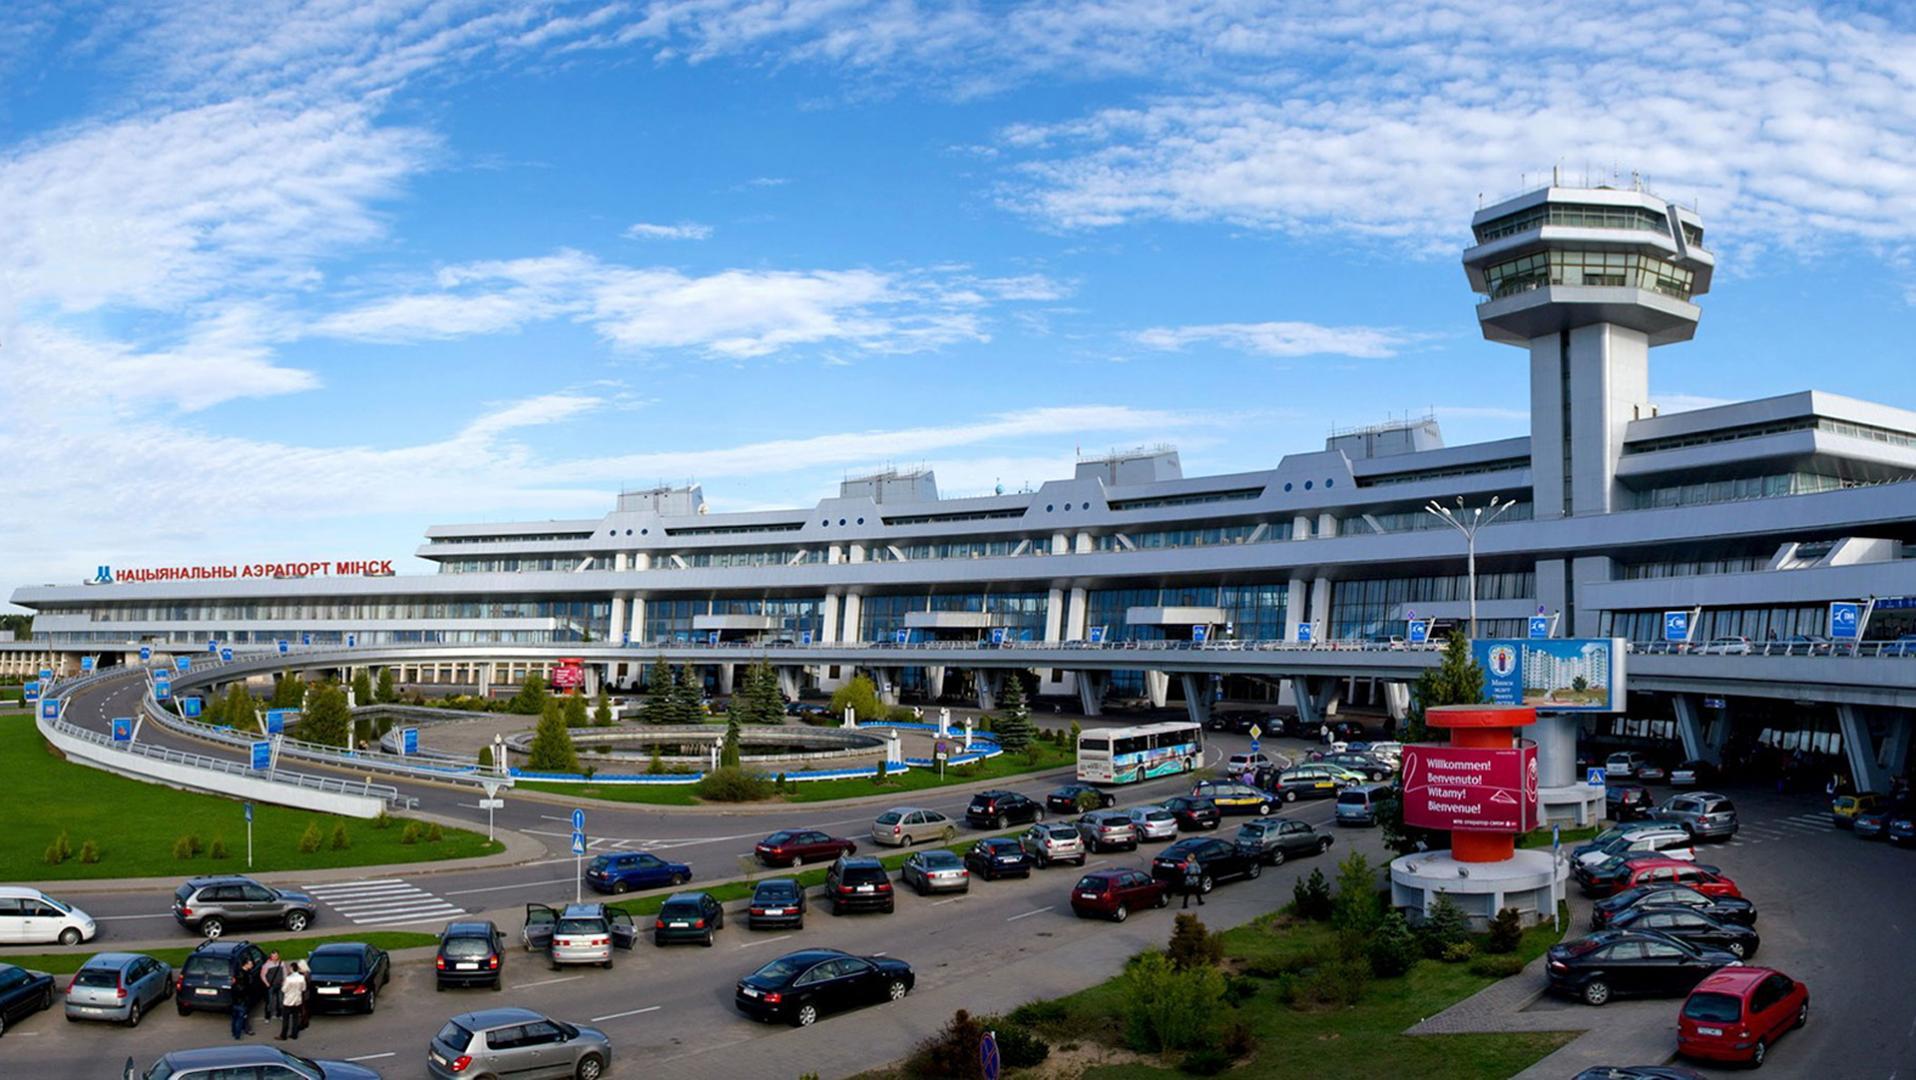 Bielorussia isolata in seguito all'atterraggio forzato del volo Ryanair